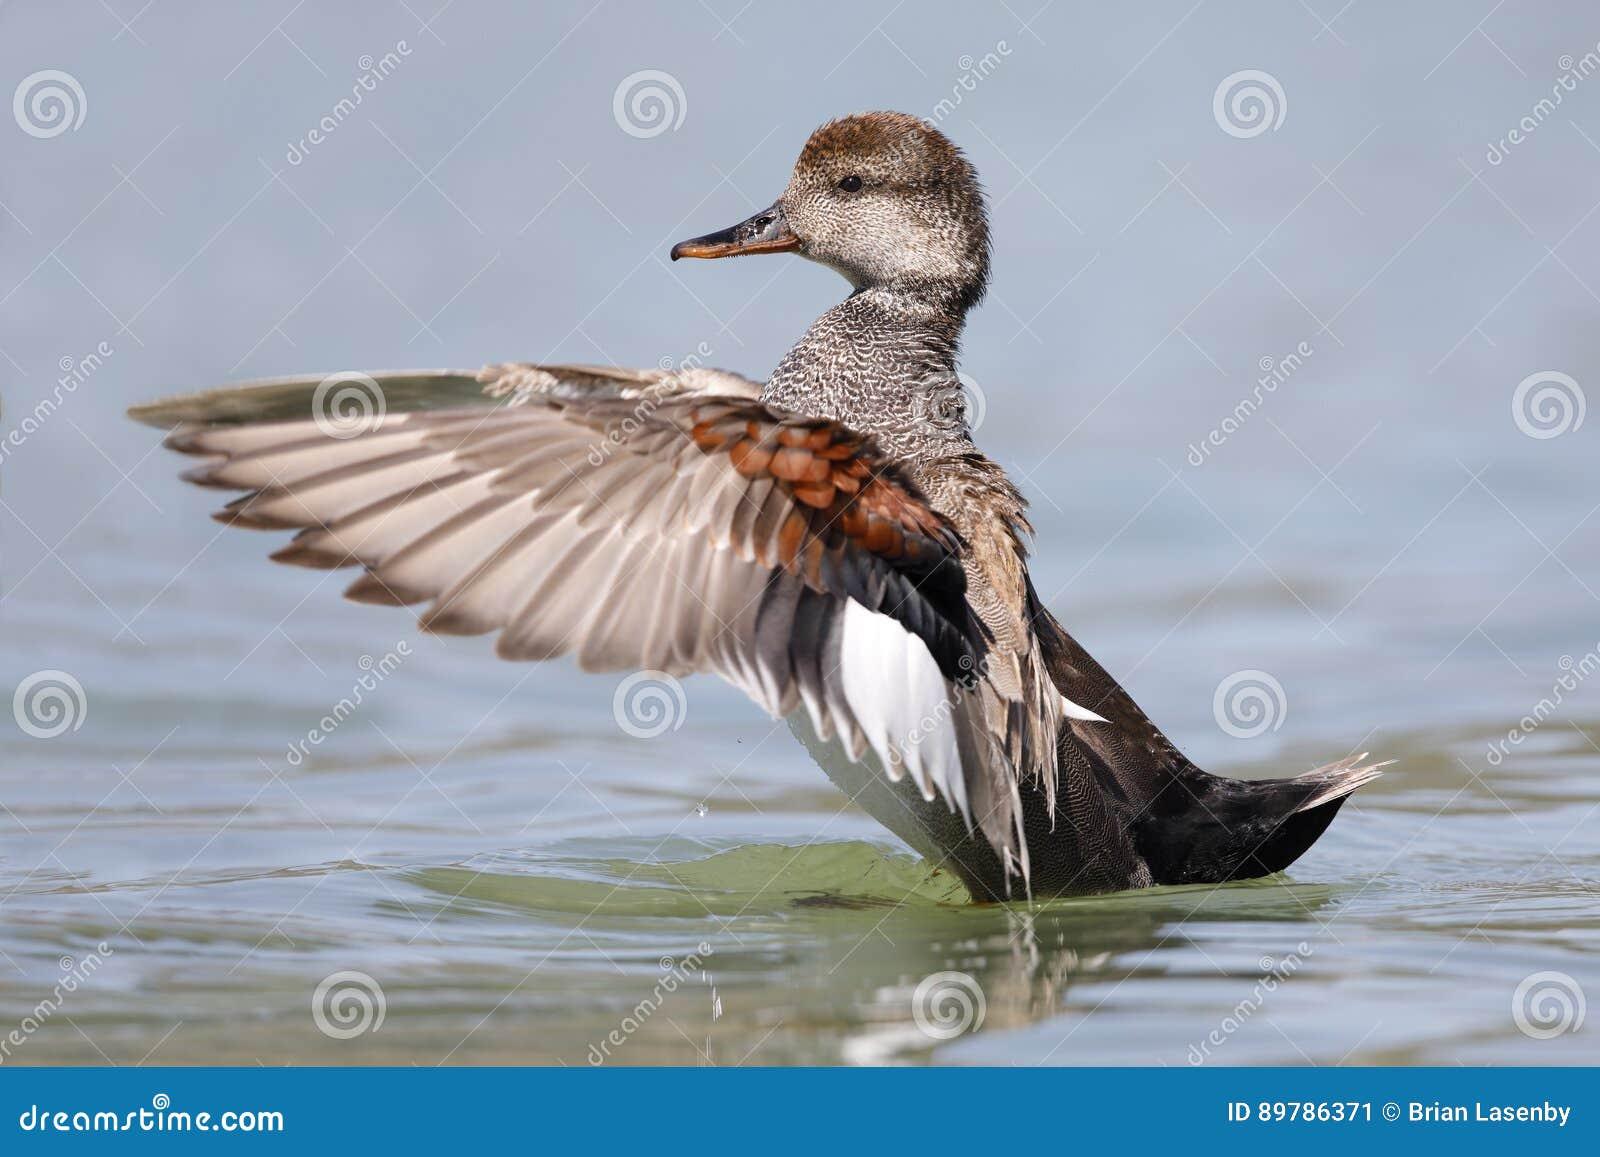 Manlig Gadwall som viftar med dess vingar på en sjö - Kalifornien